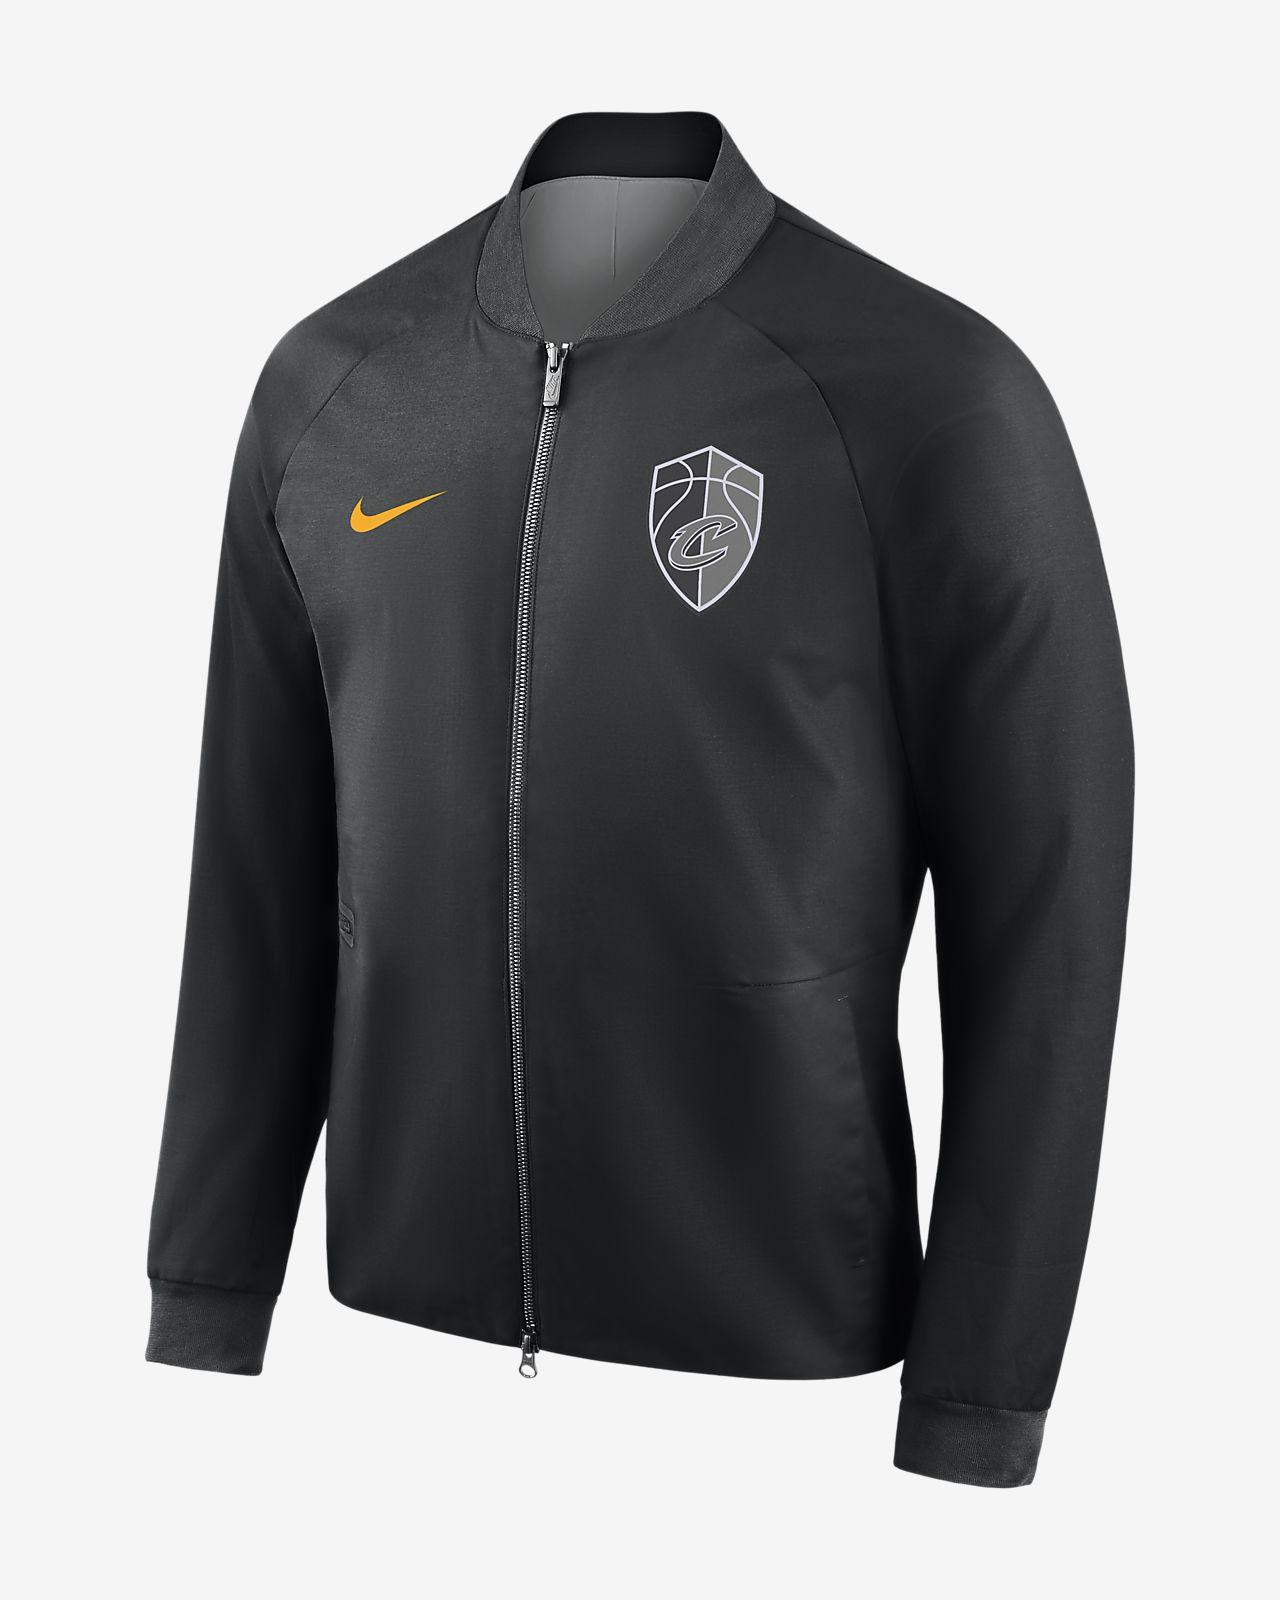 sale retailer bd749 24dff ... Cleveland Cavaliers City Edition Nike Modern NBA College-Jacke für  Herren